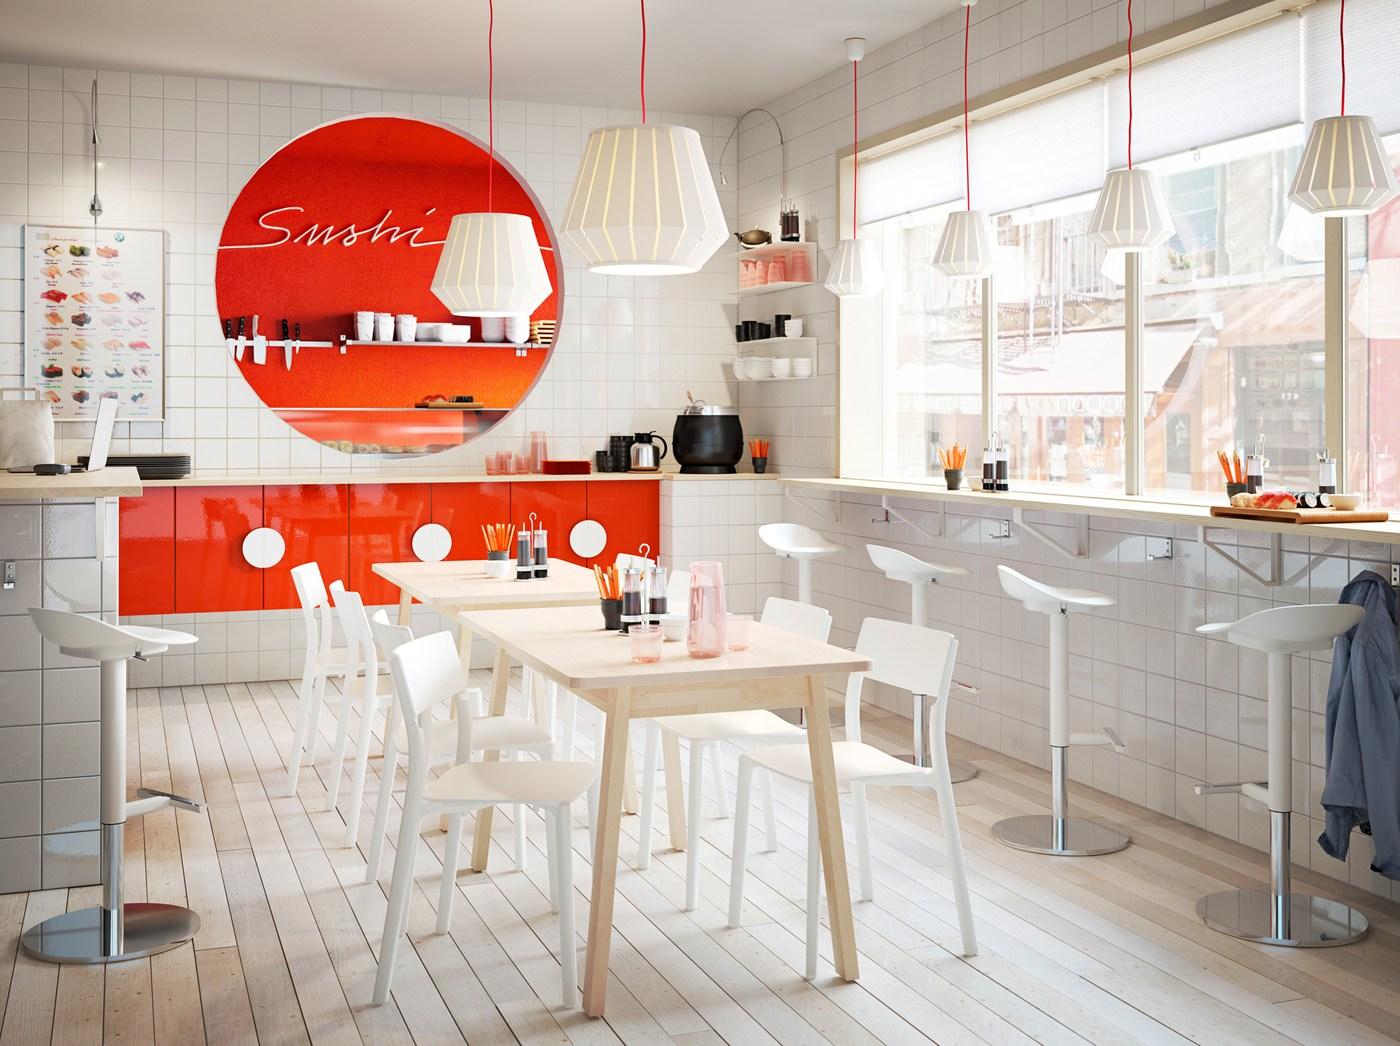 مطعم سوشي باللونين الأبيض والبرتقالي مع كراسي جانينج ايكيا البيضاء ومقاعد جانينج المنخفضة.